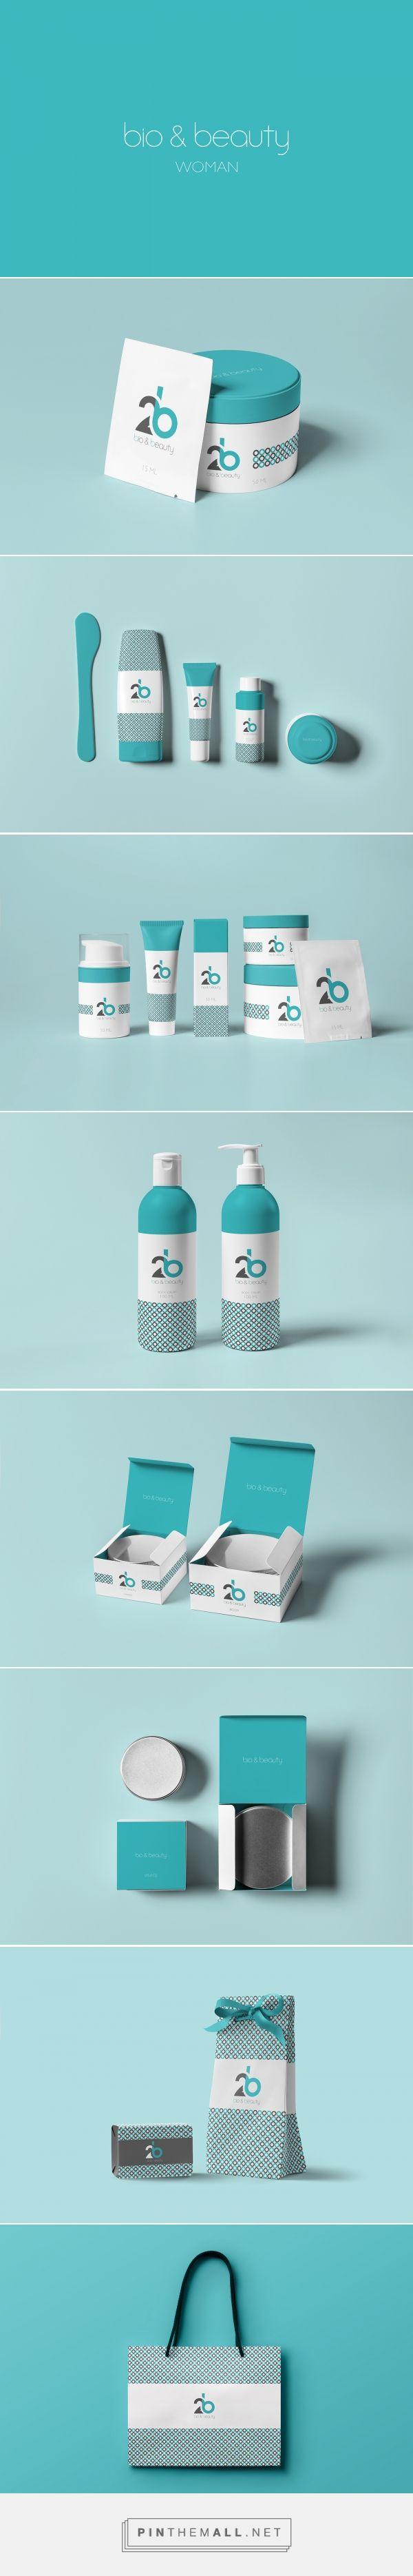 2b // Bio & Beauty packaging branding on Behance by